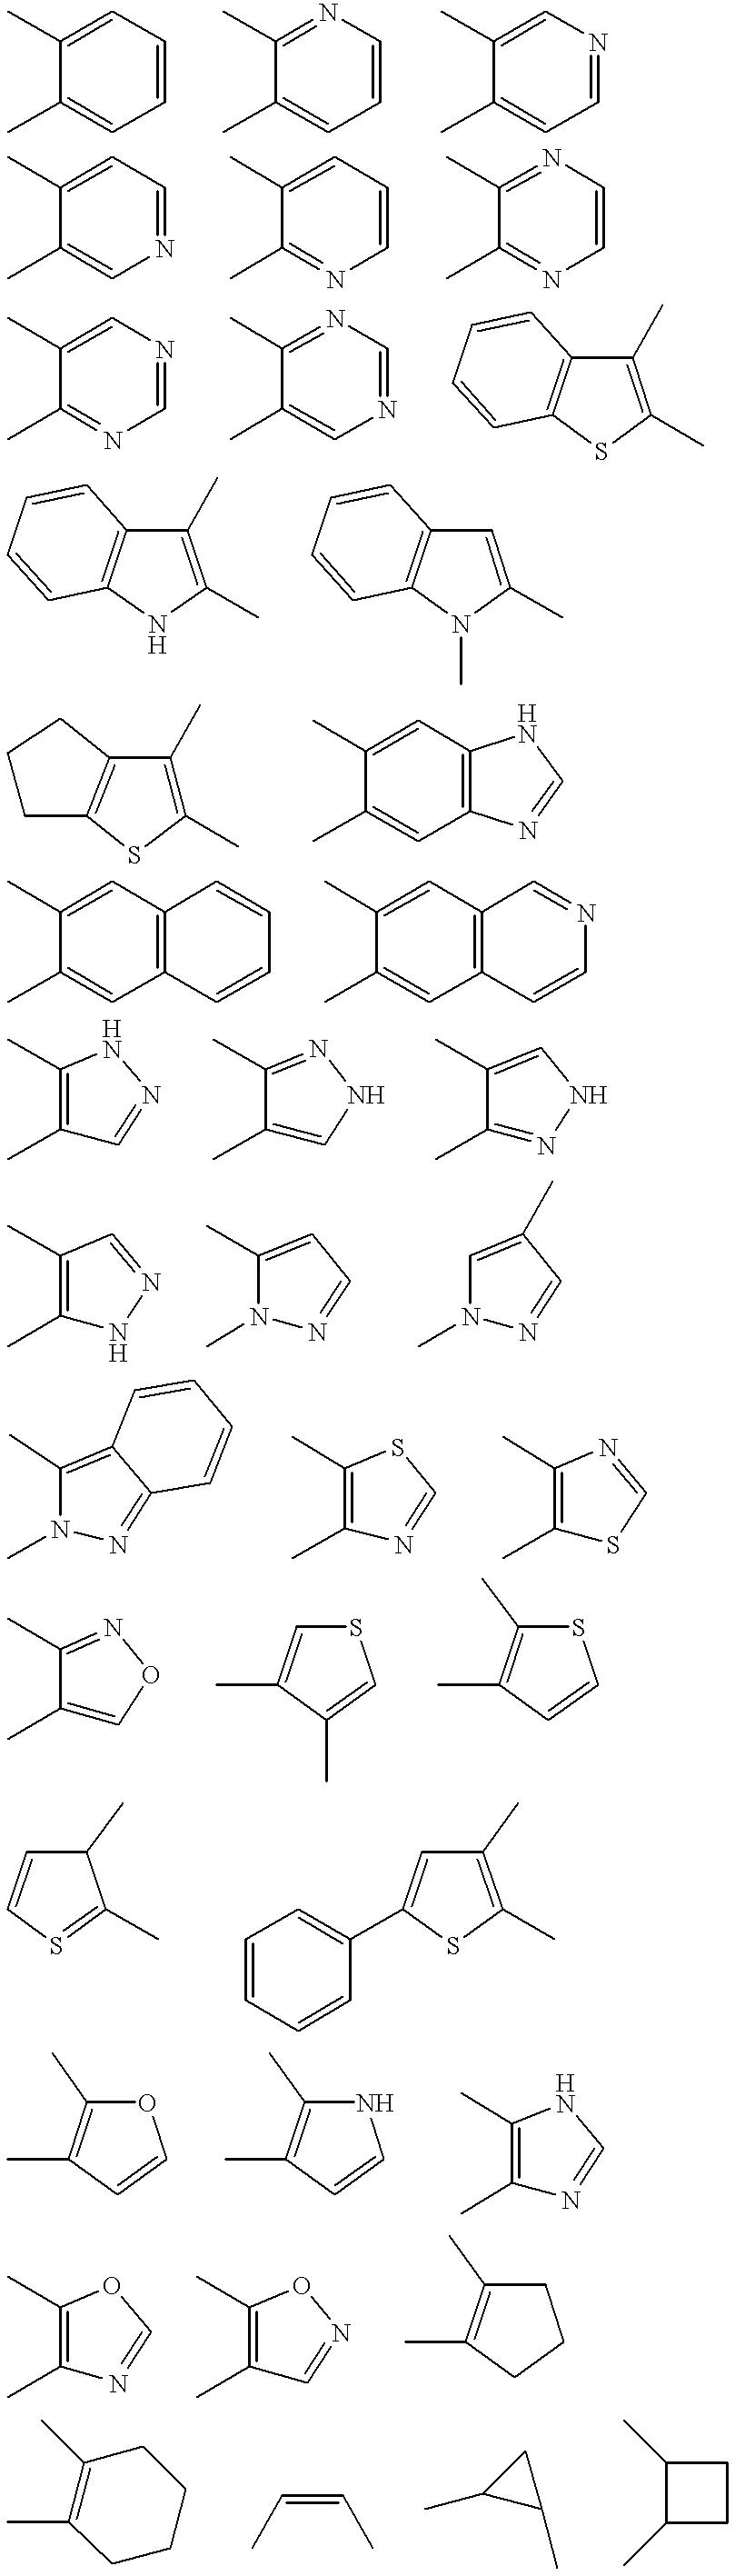 Figure US06376515-20020423-C00077